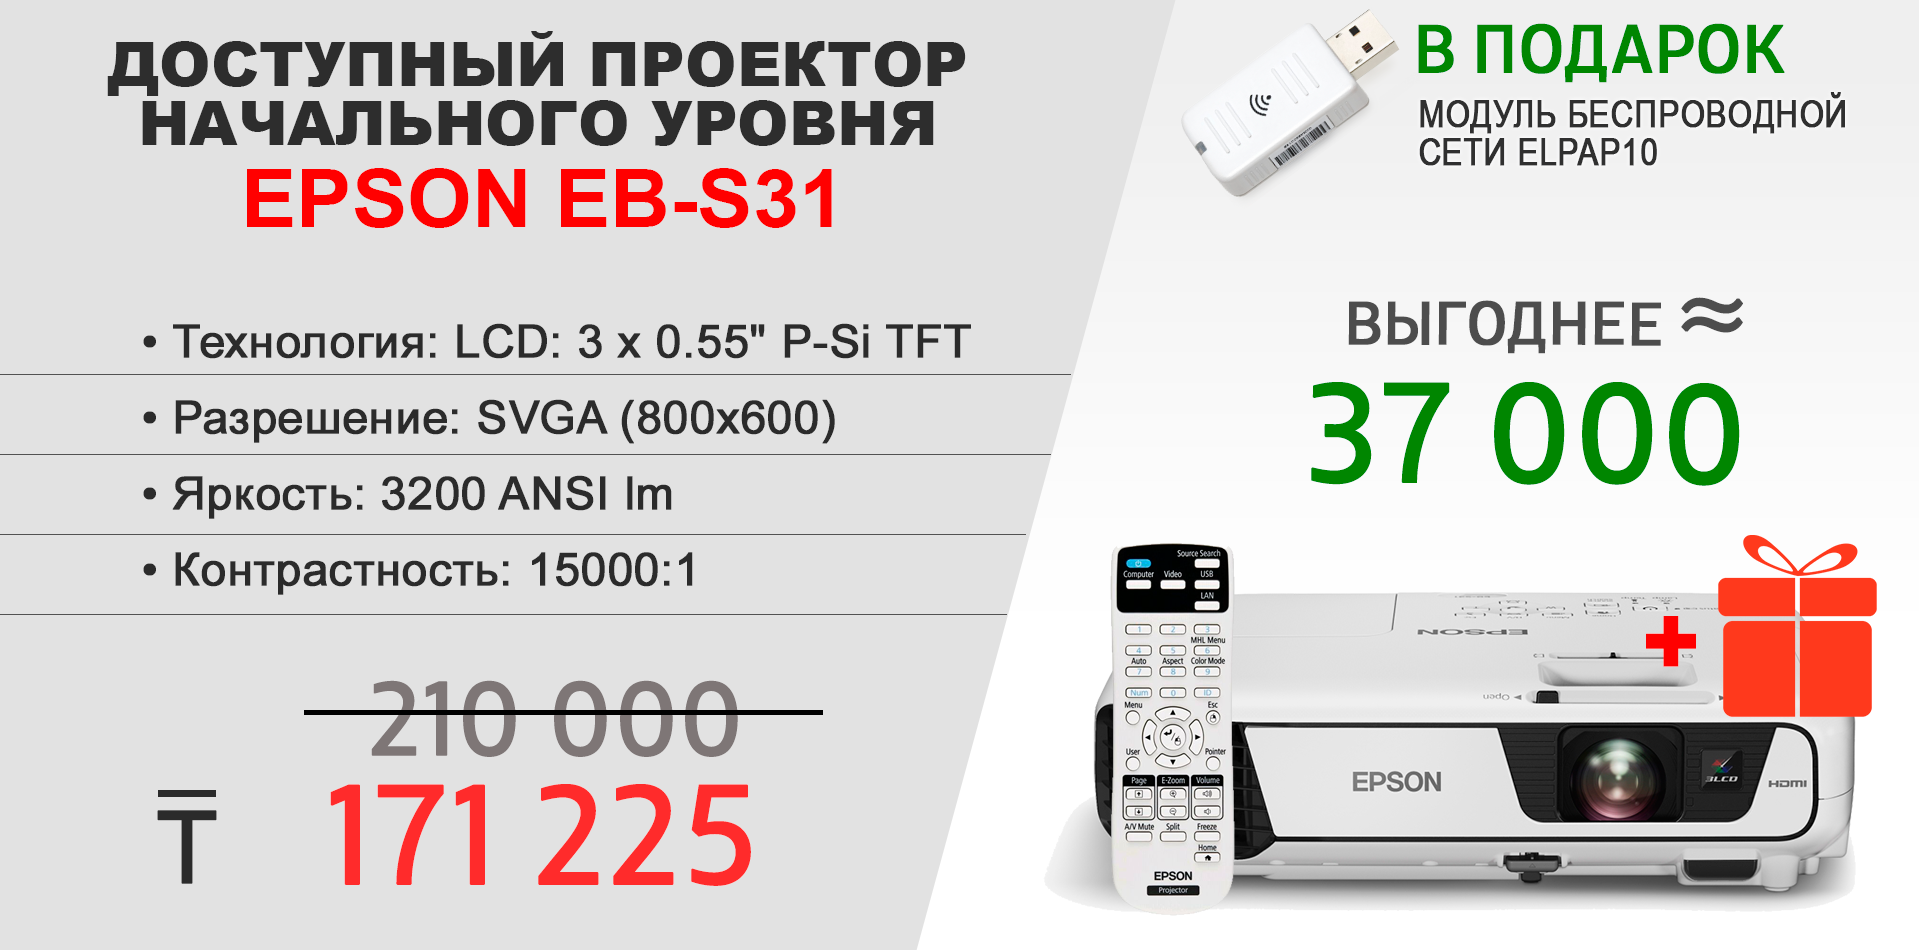 ПРОЕКТОР EPSON, EB-S31